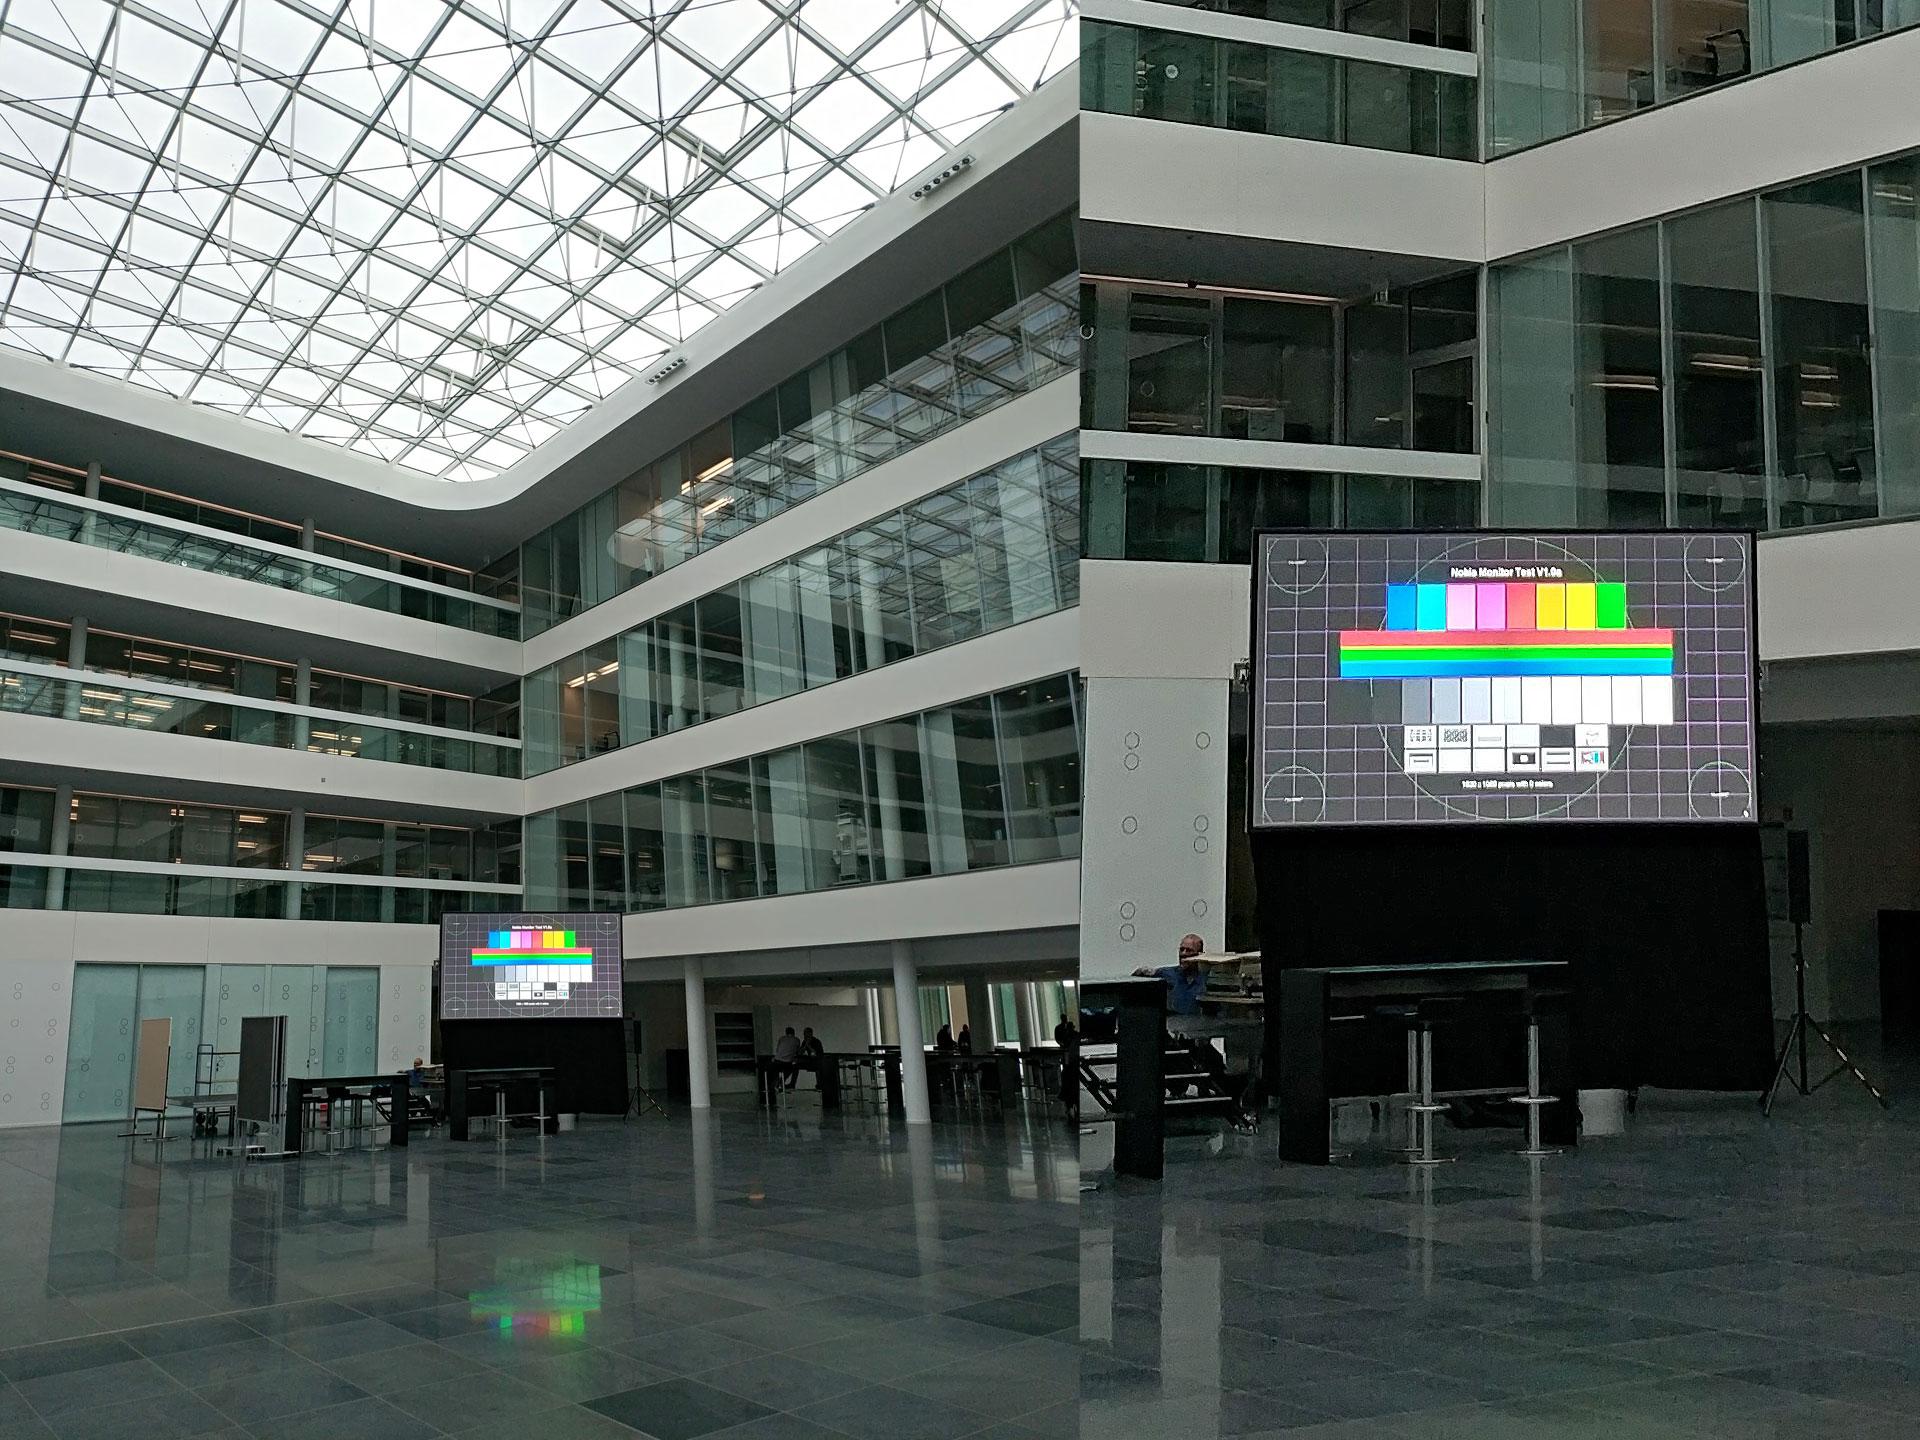 bis zu 780.000 ANSI Lumen (gestackte Tageslichtbeamer kombiniert mit einer Revosoft Hellraumleinwand) ermöglichen trotz starkem Tageslichteinfall durch ein 600 m² großes Glasdach ein kontrastreiches Projektionsergebnis im Atrium der Lübecker Dräger Werke